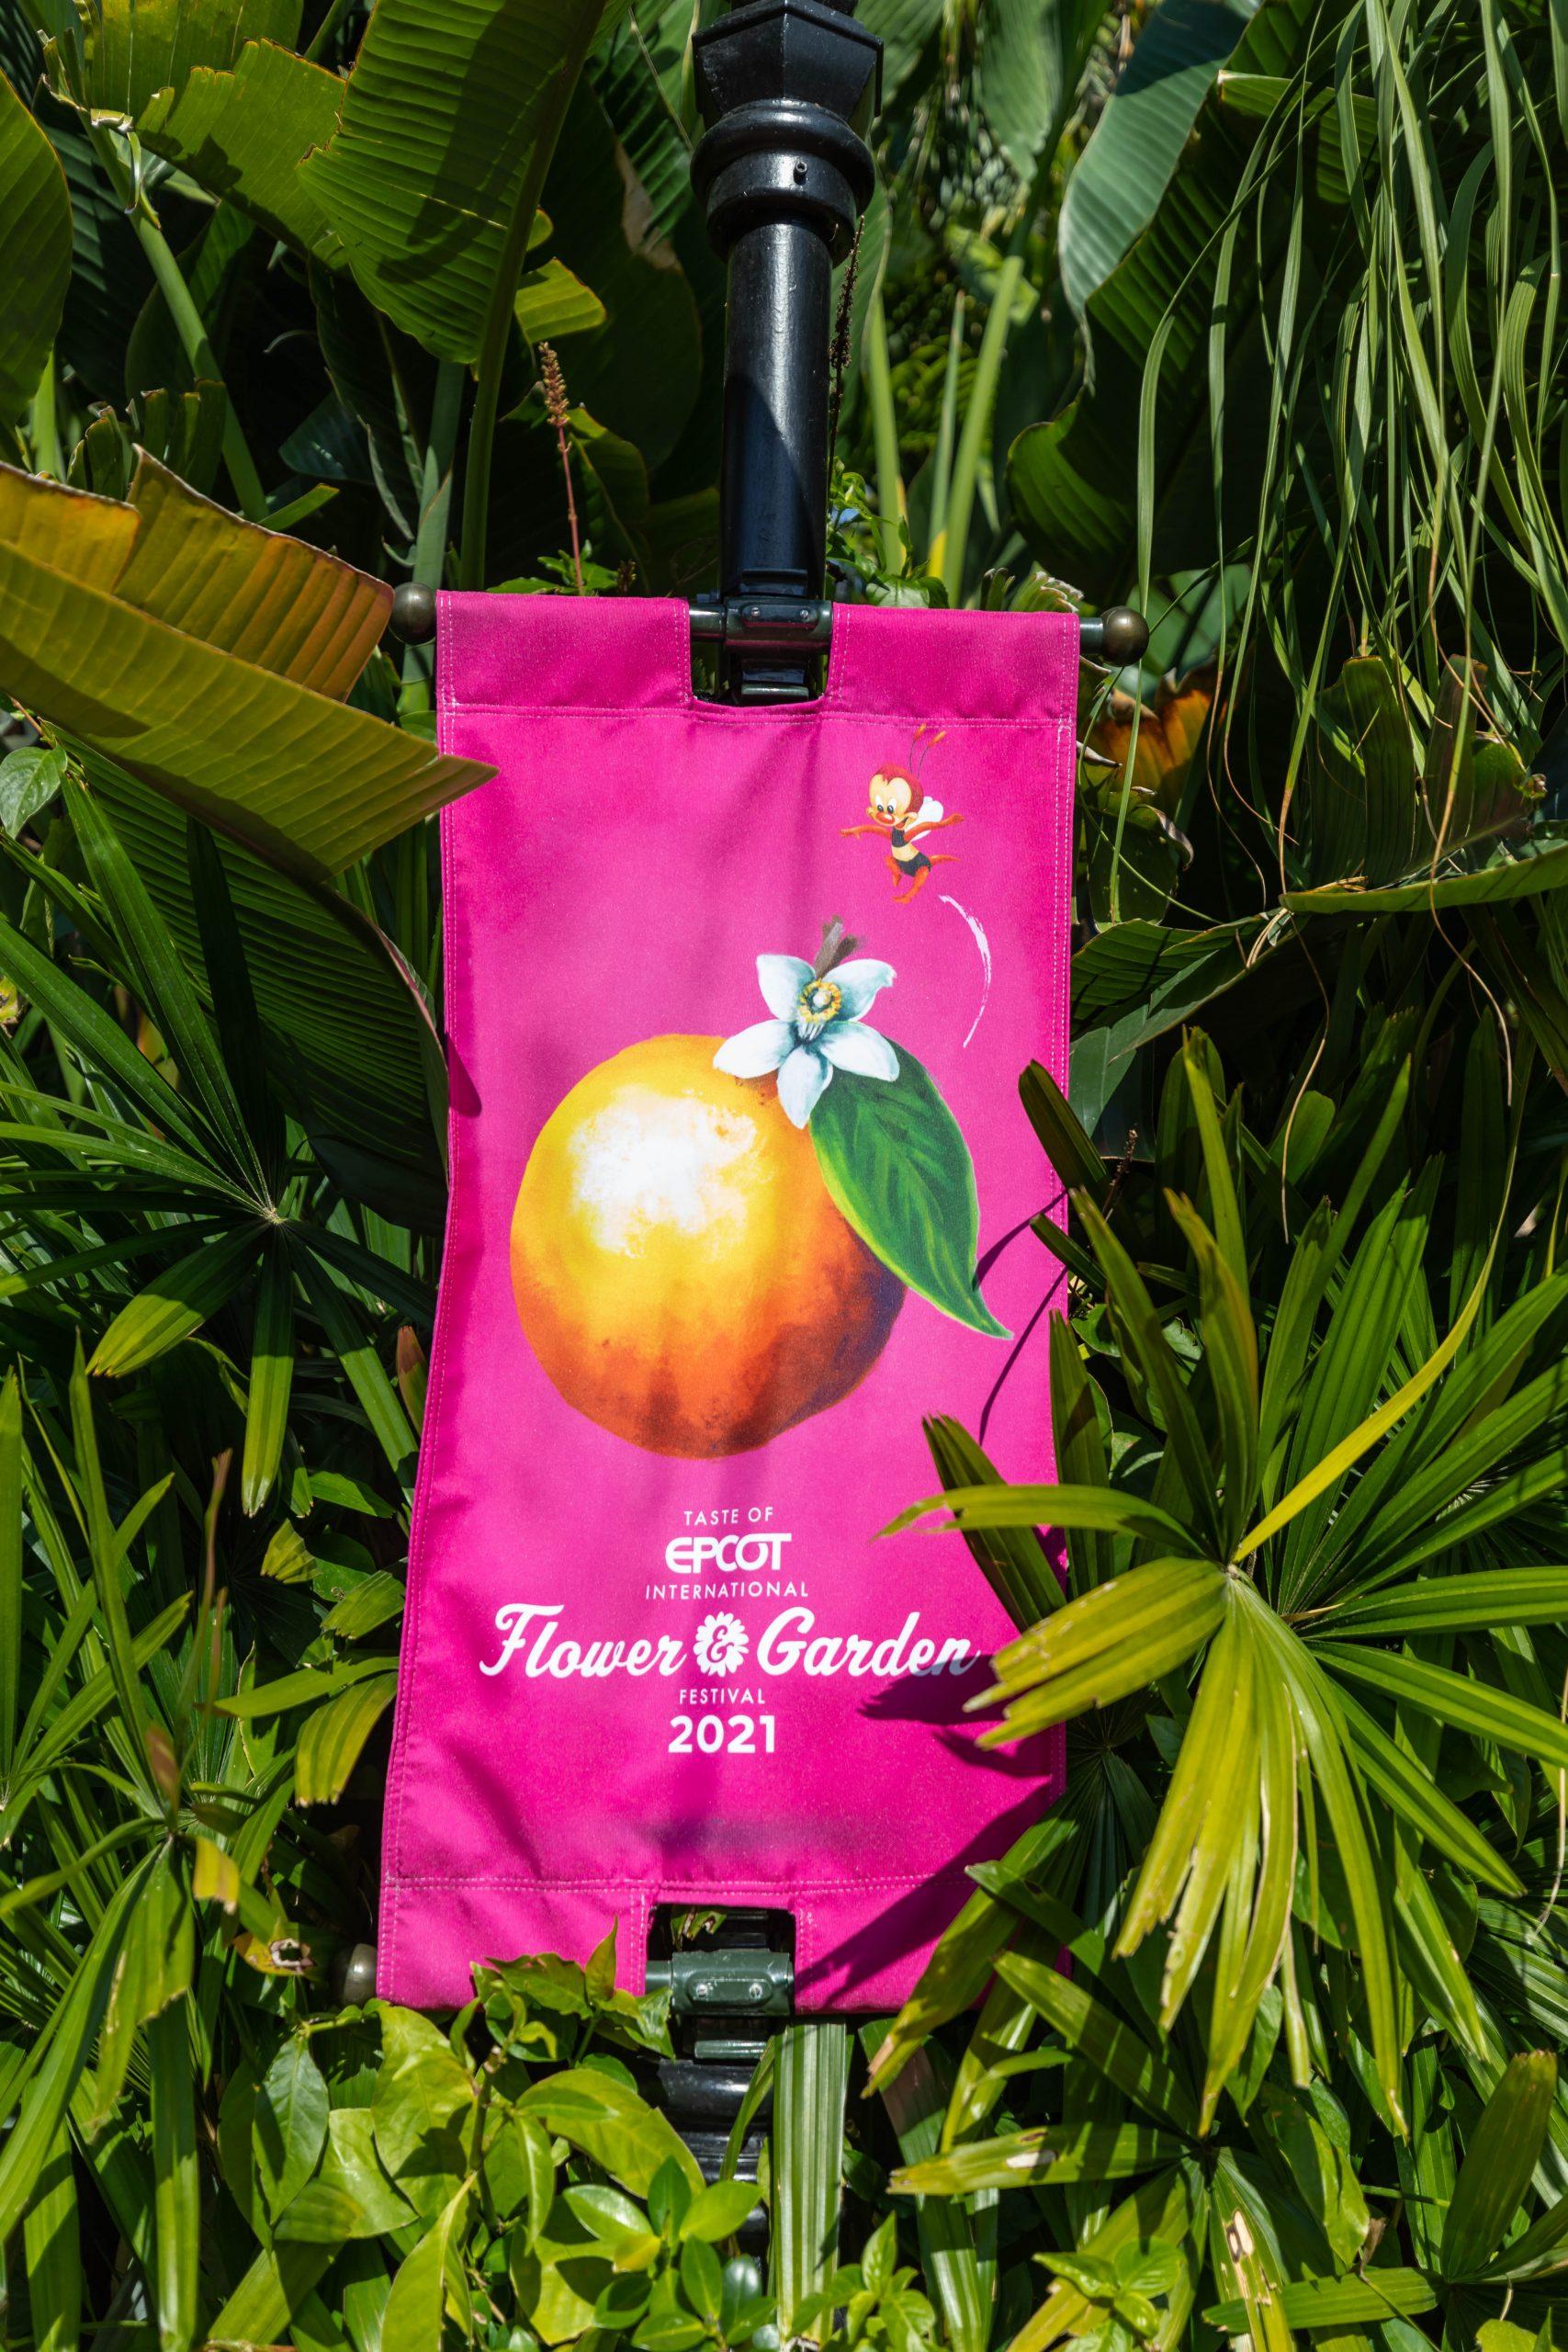 Epcot World Showcase Epcot International Flower & Garden Festival by Annie Fairfax